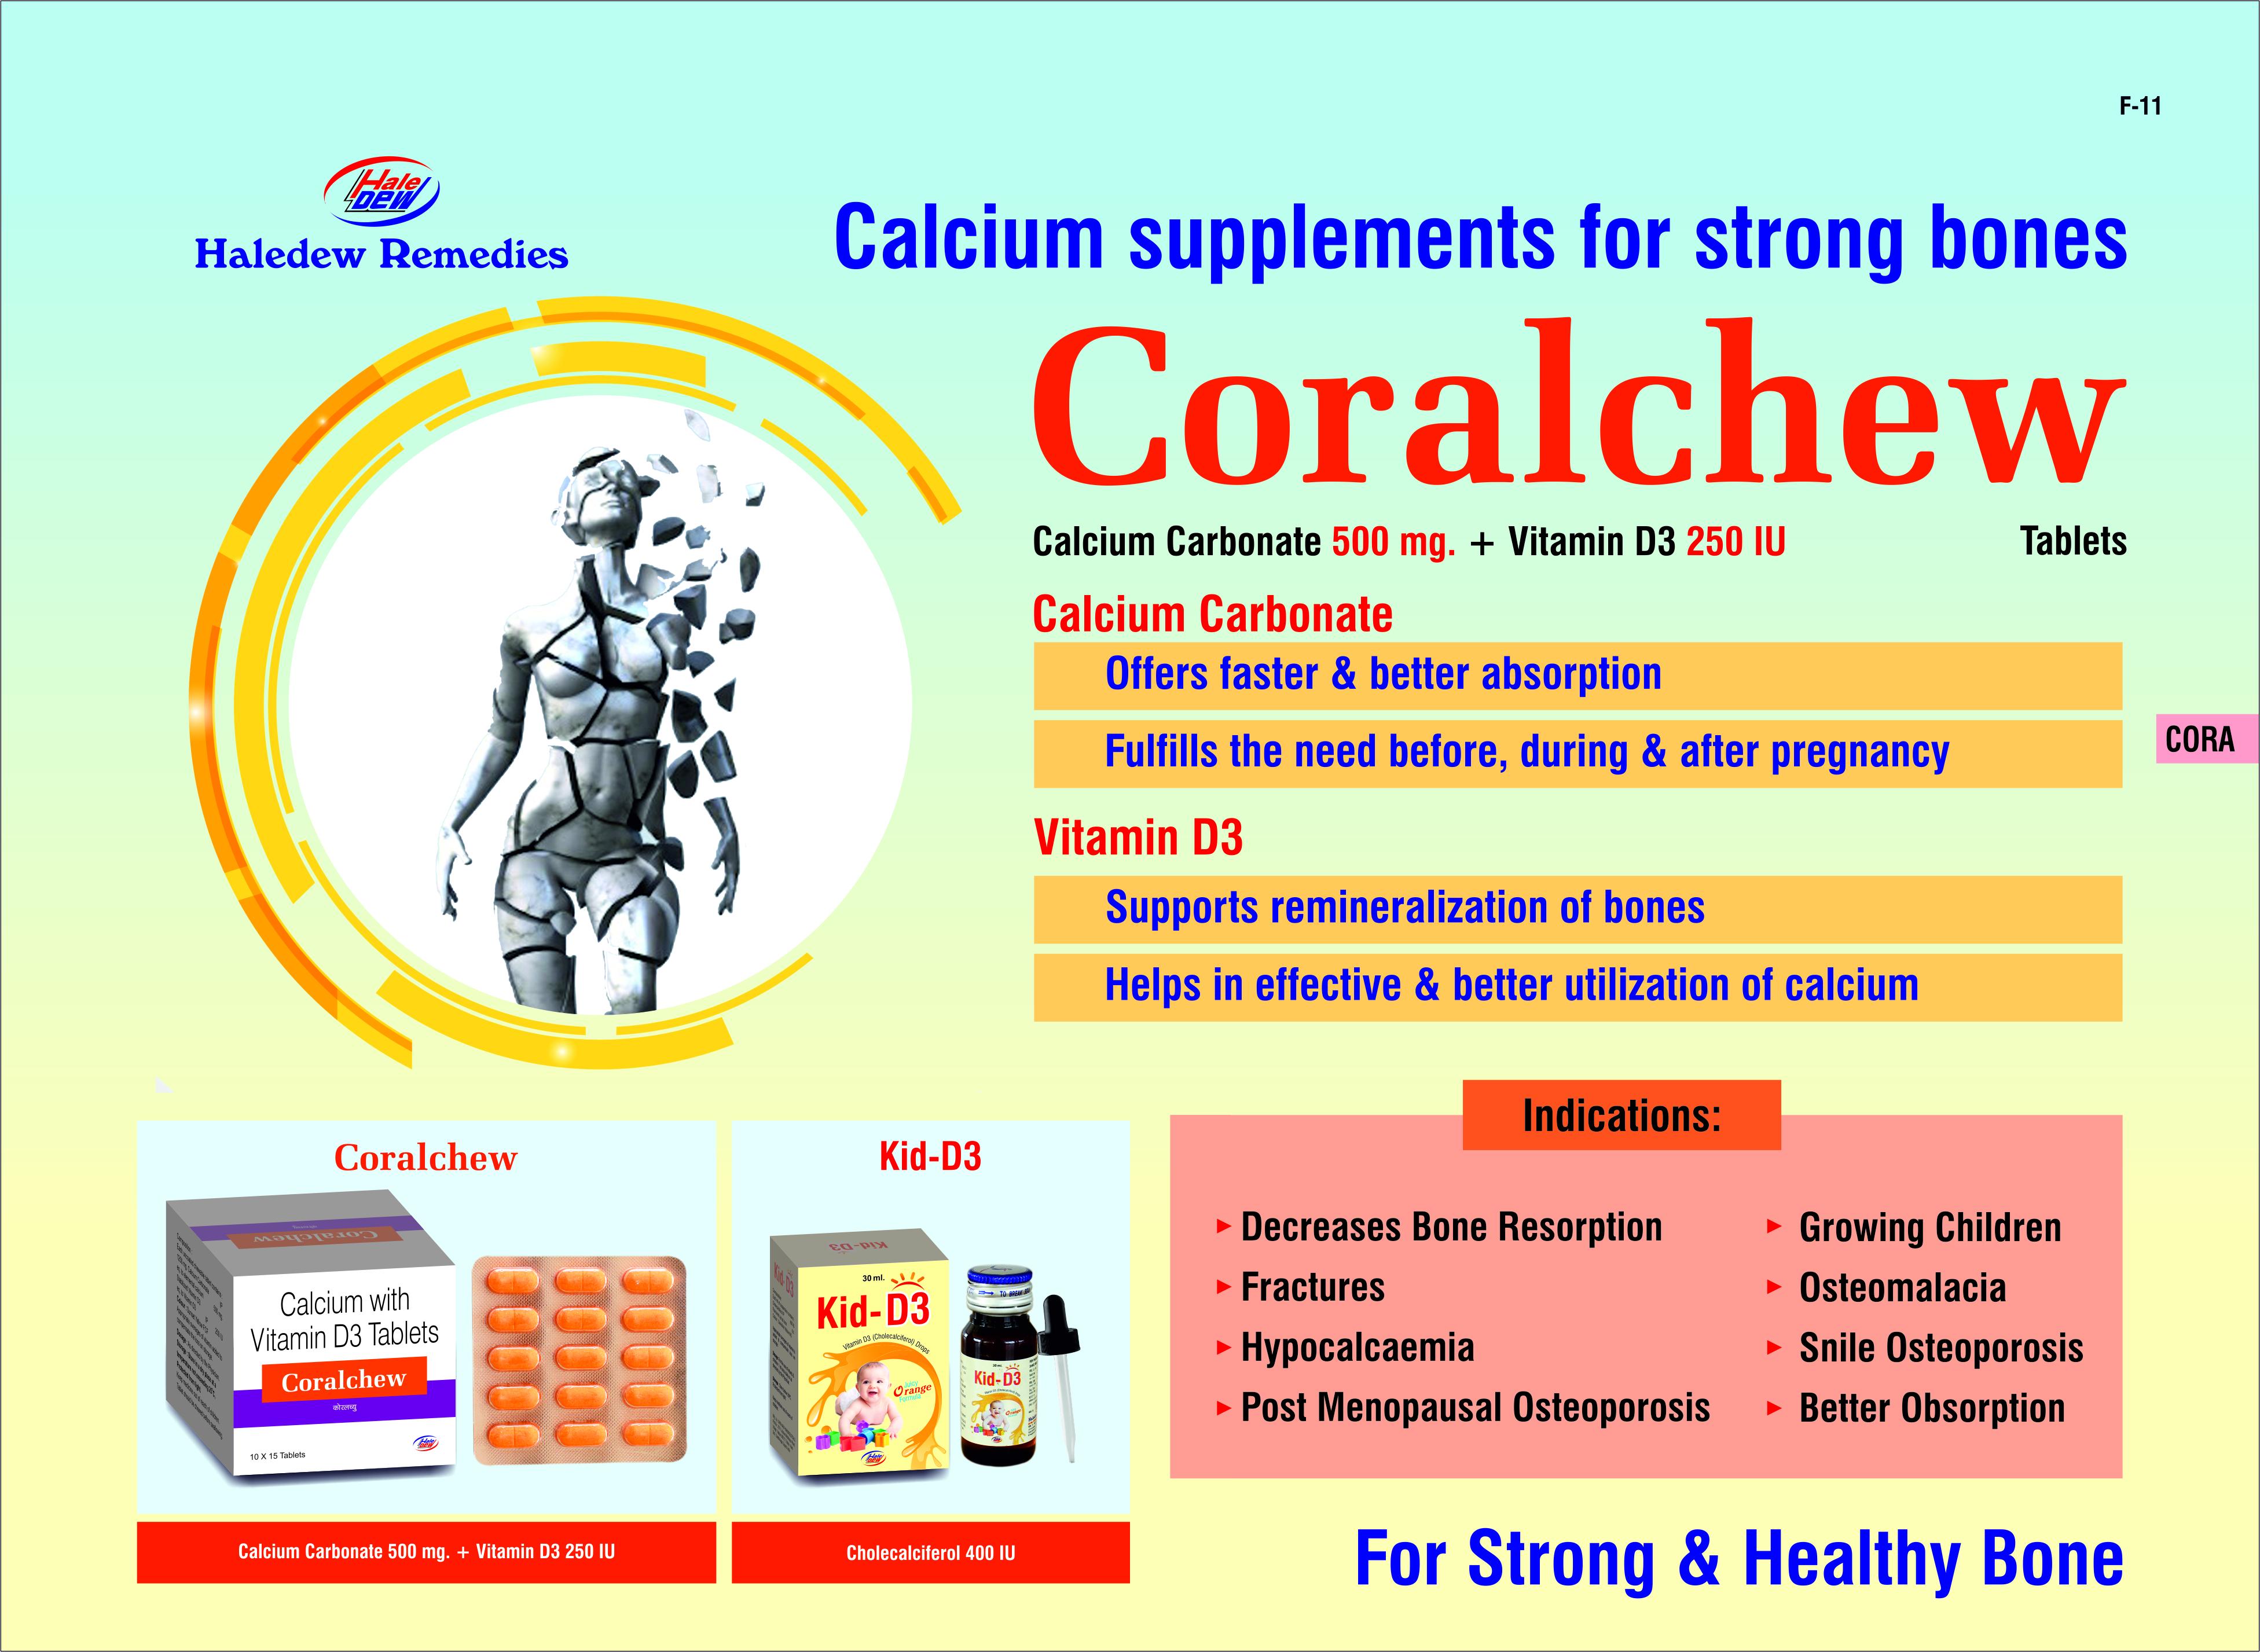 Calcium Carbonate 1250mg + Vitamin D3 250 I.U